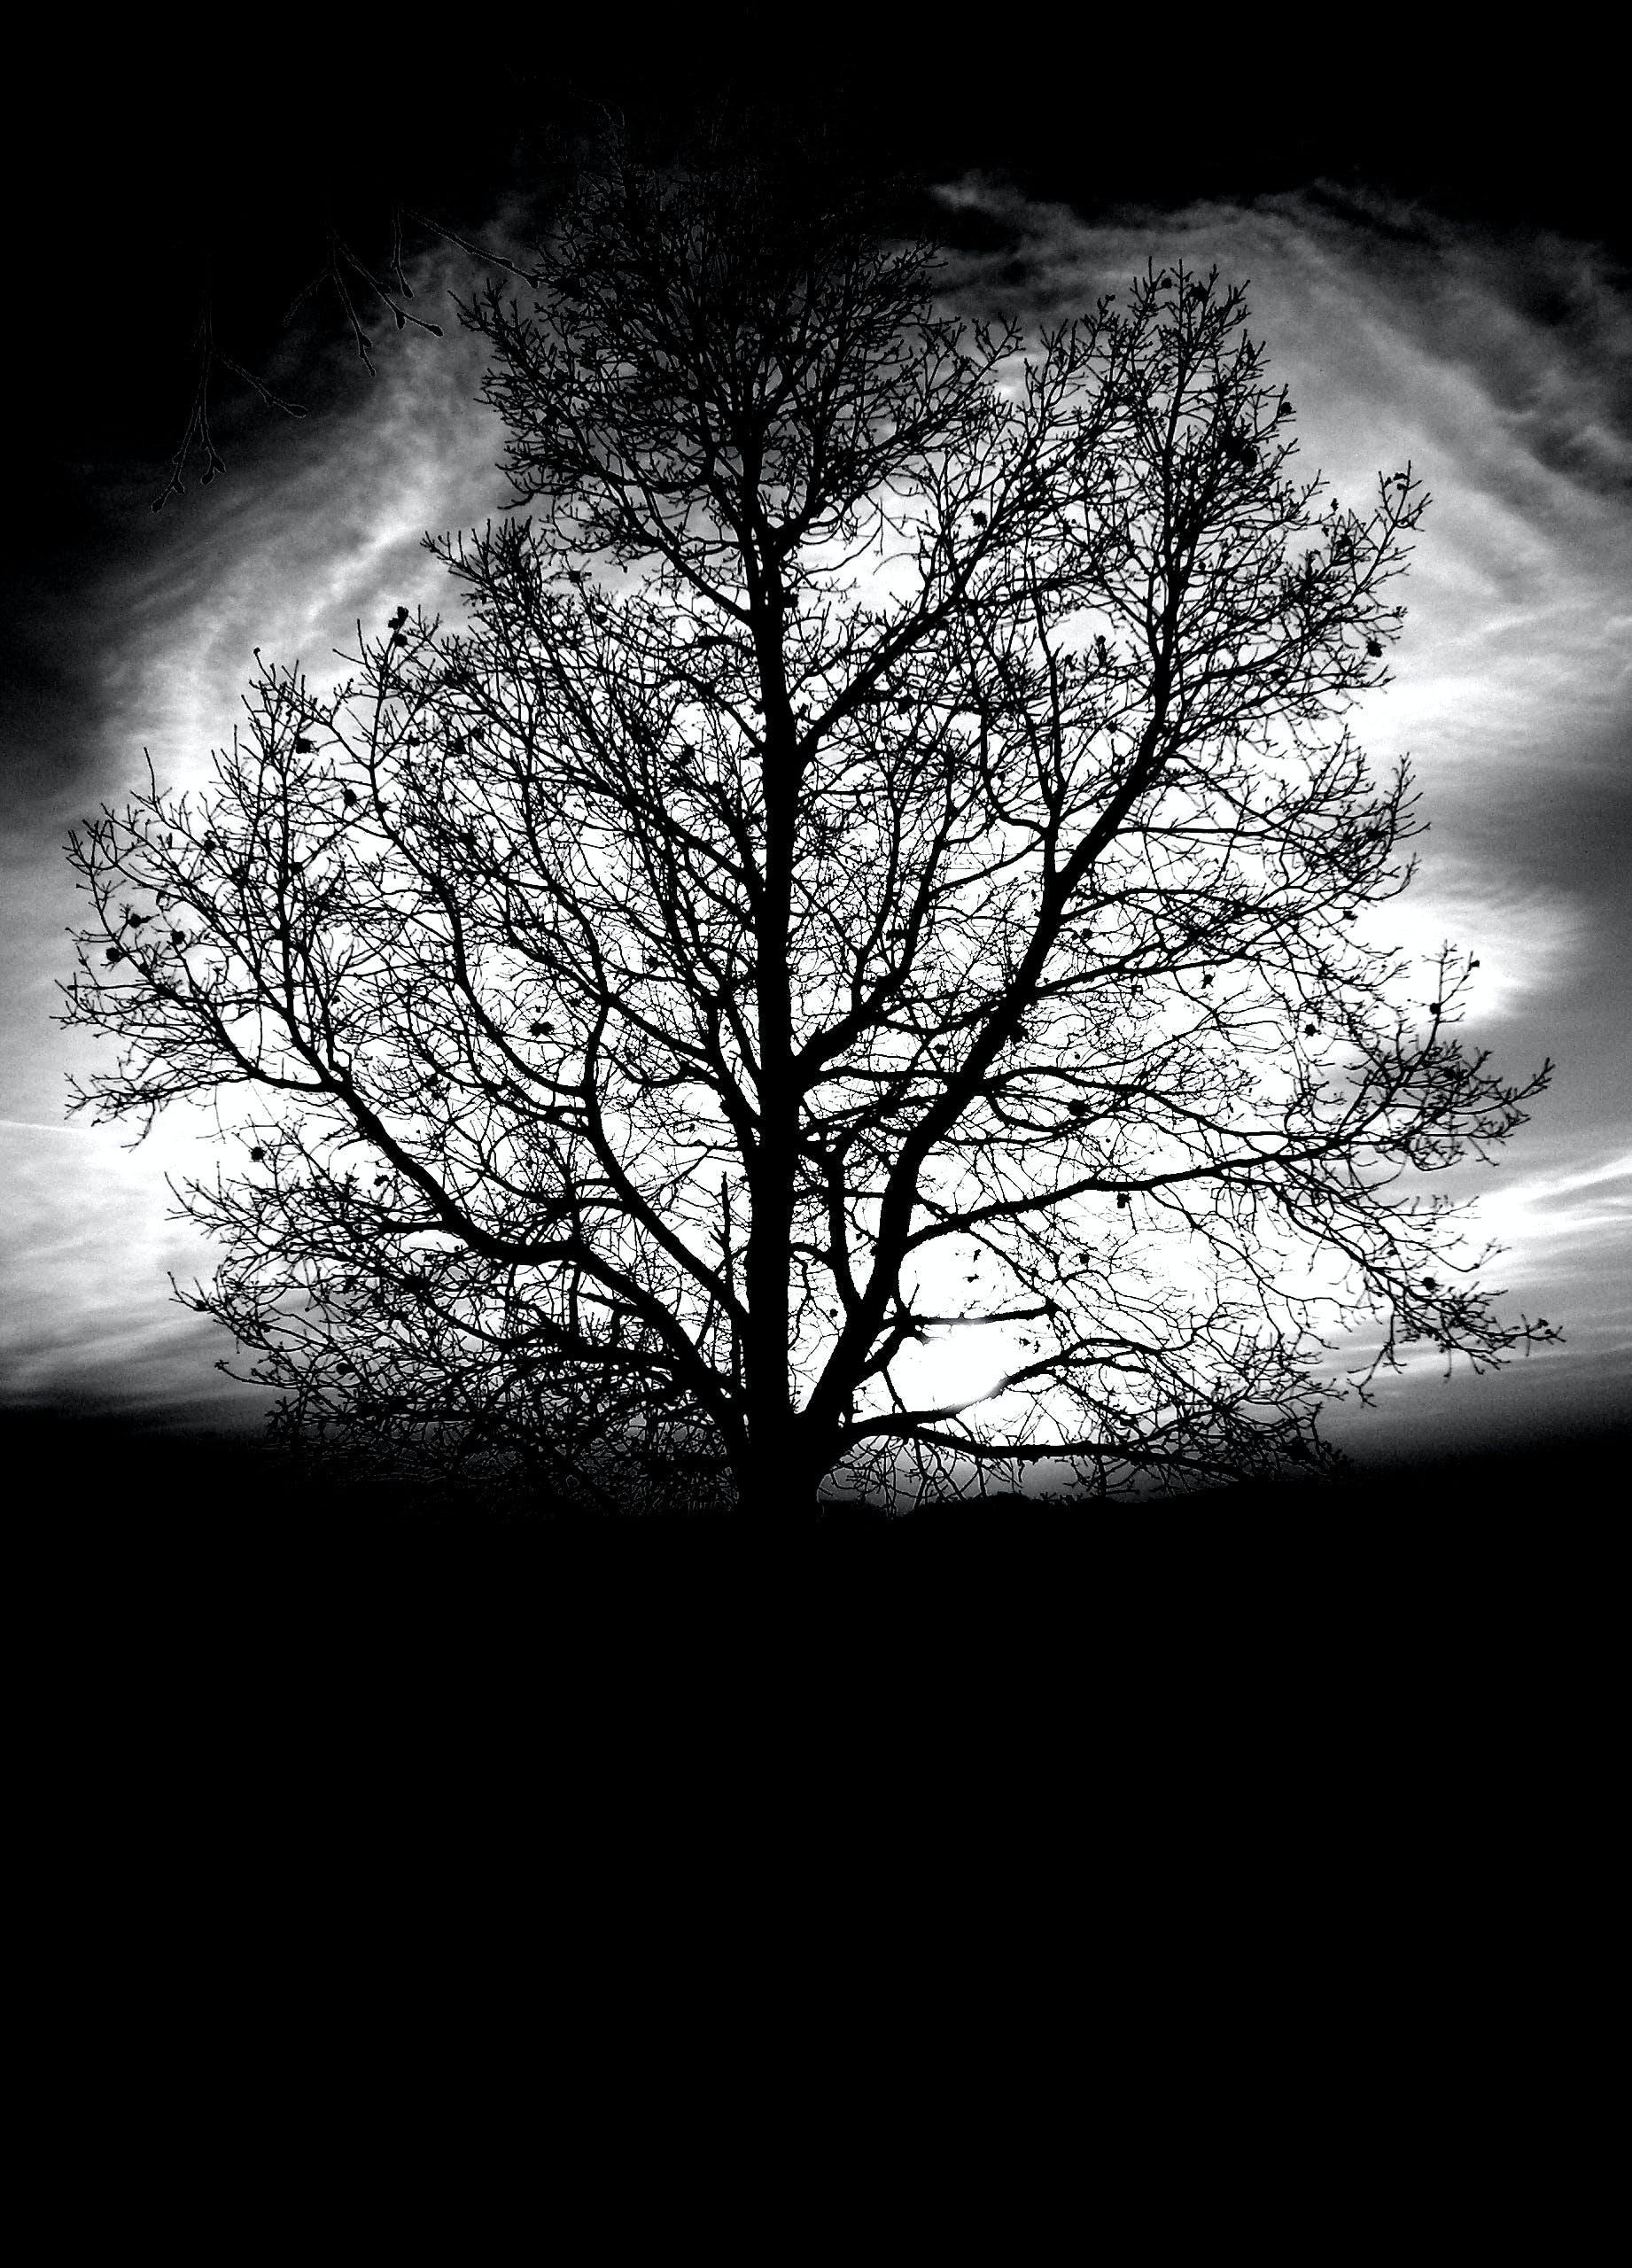 black and white, dark, environment